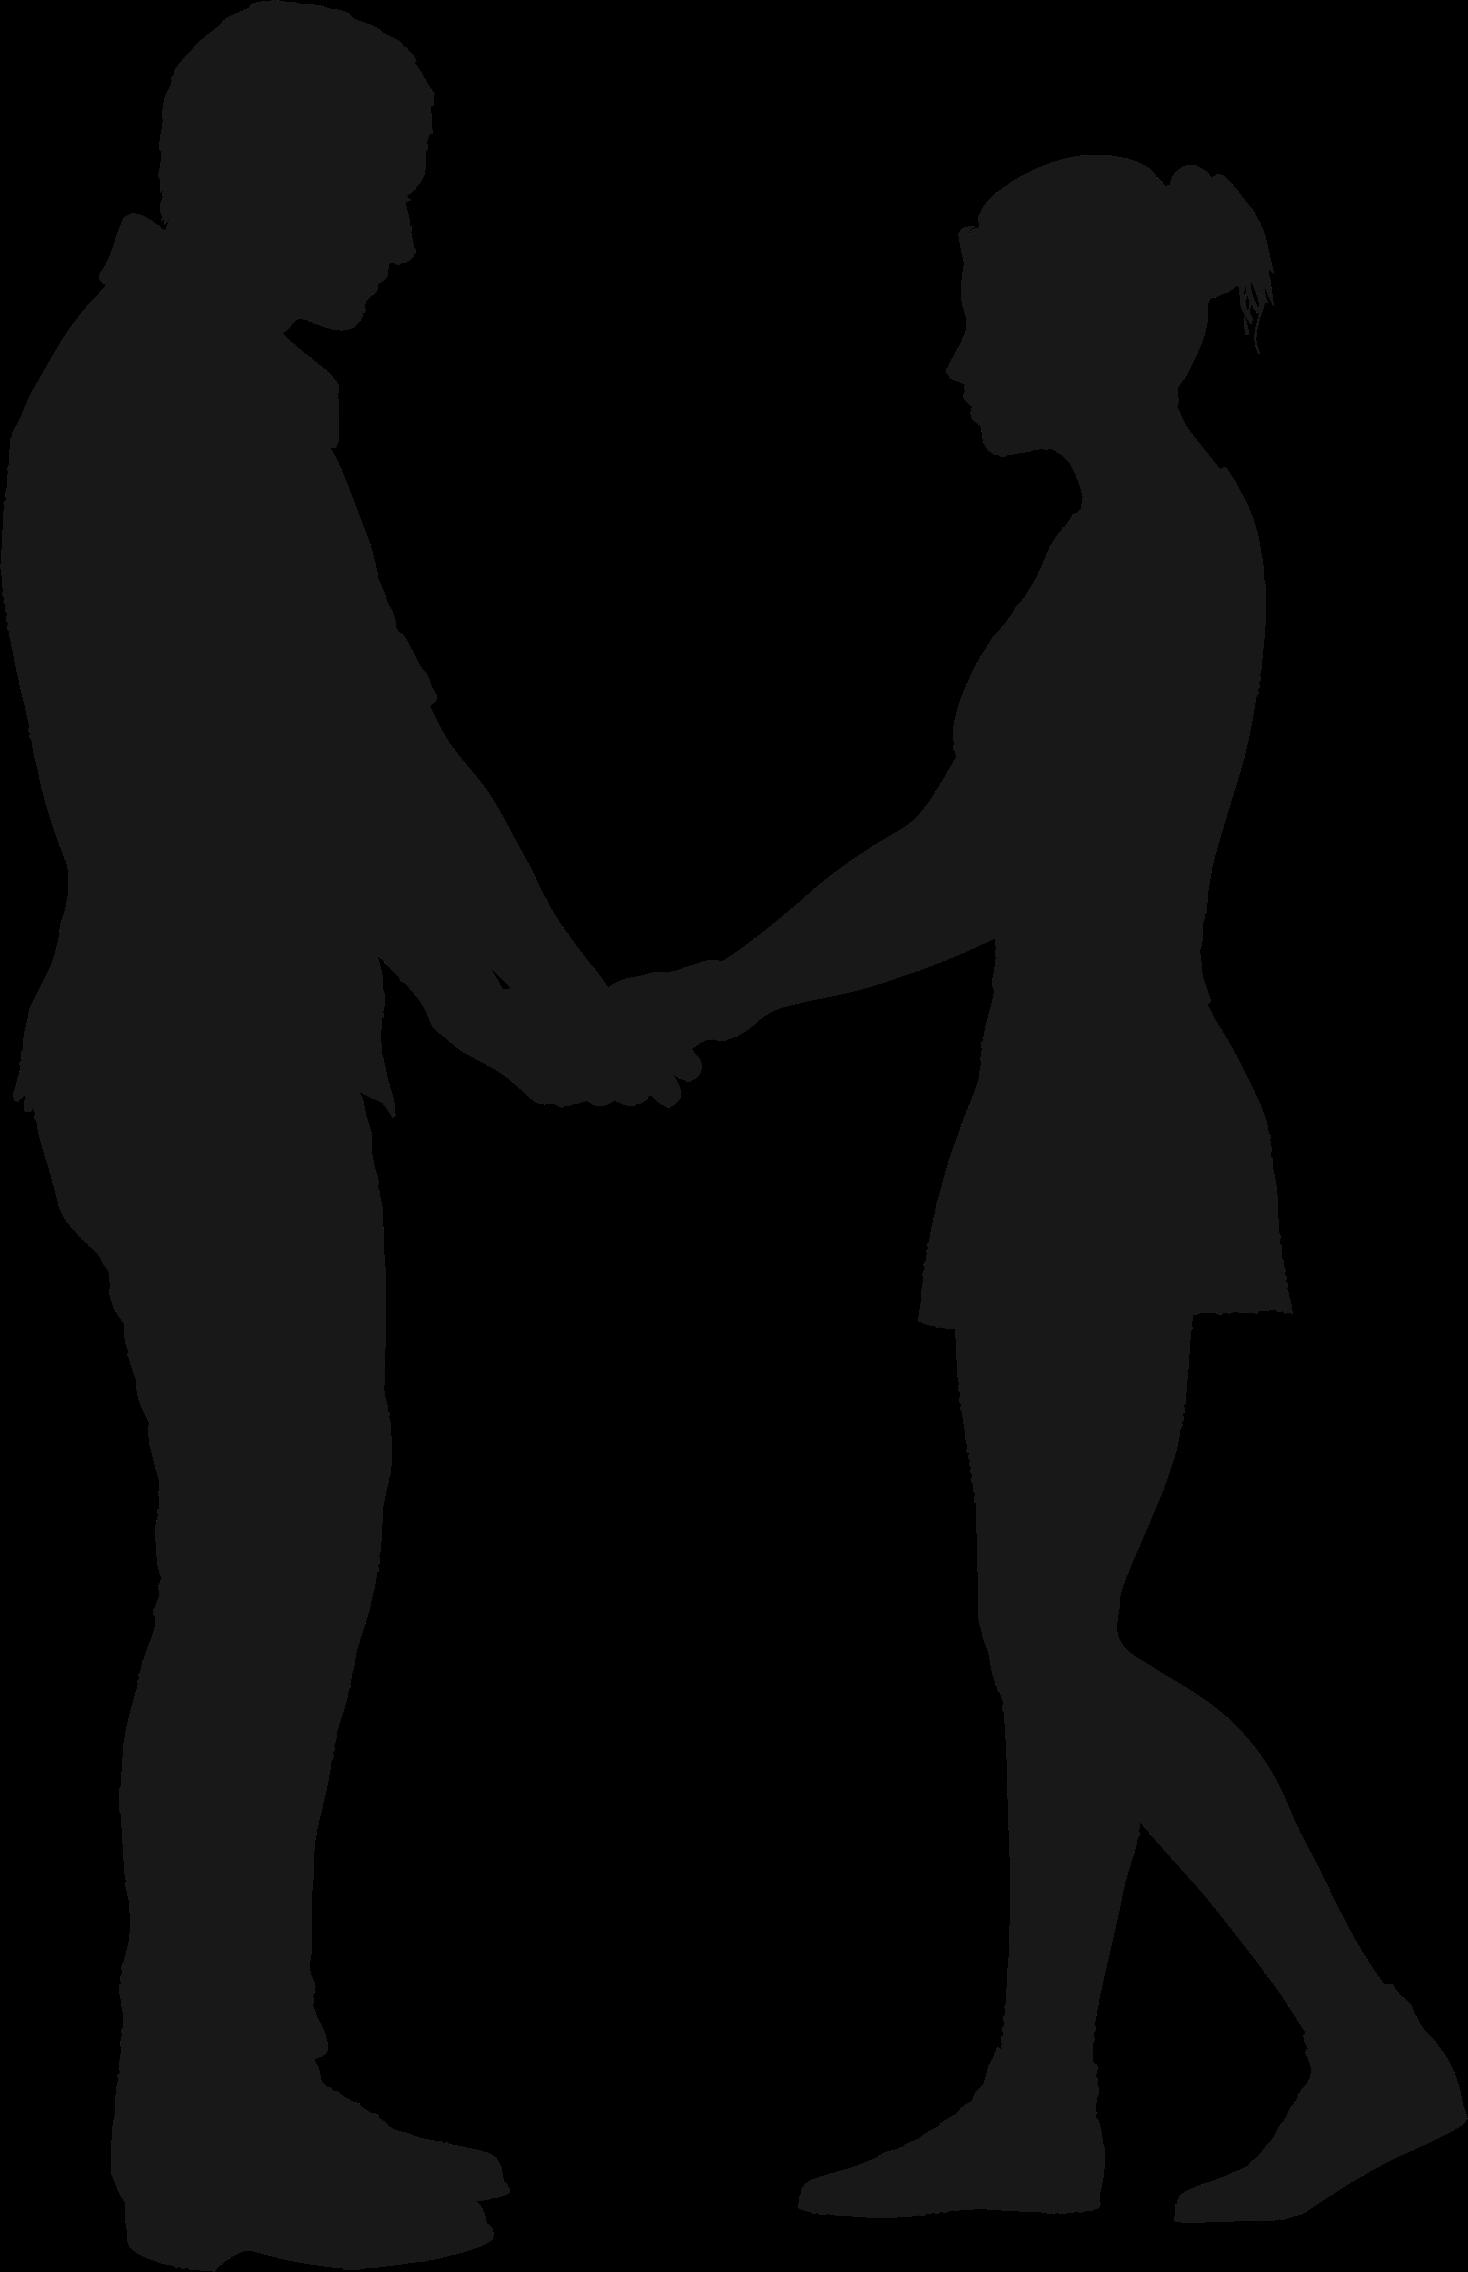 Couple clipart transparent Silhouette 6 Couple 6 Couple